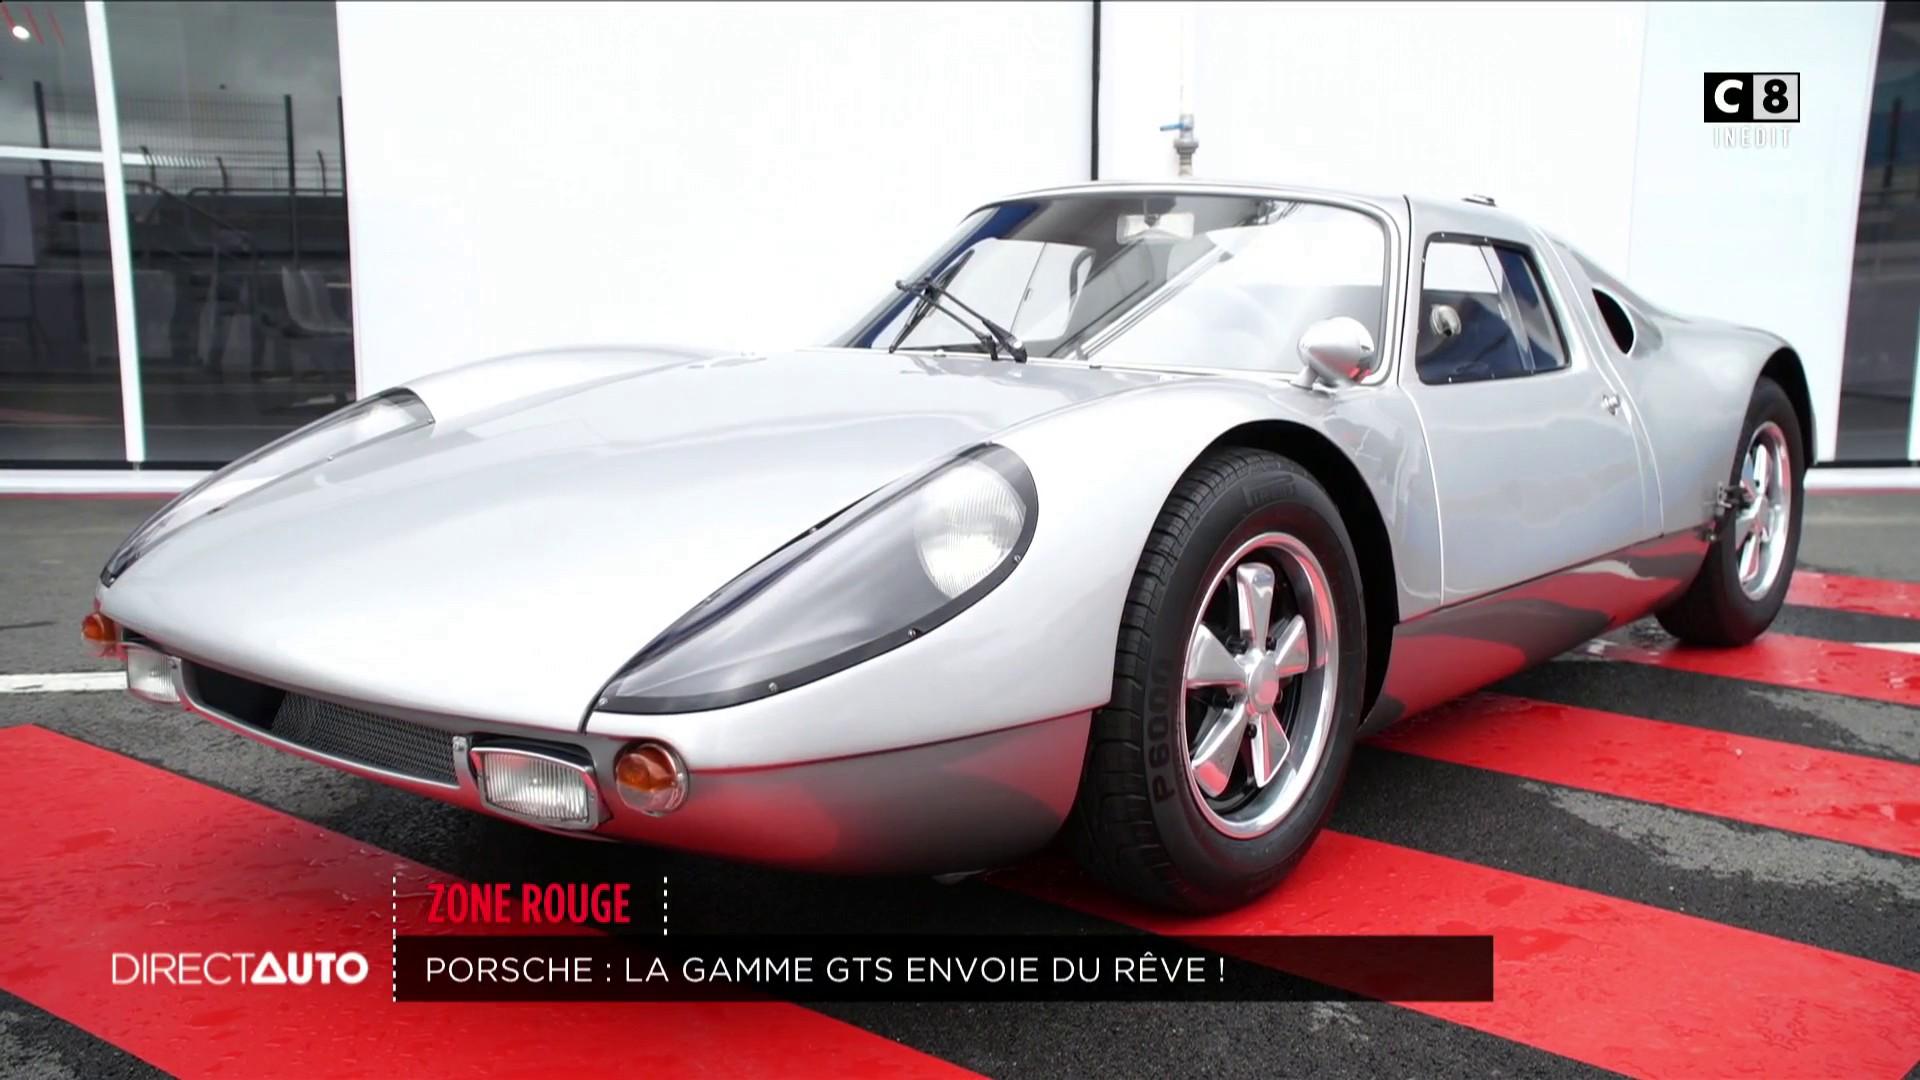 Porsche : la gamme GTS envoie du rêve !